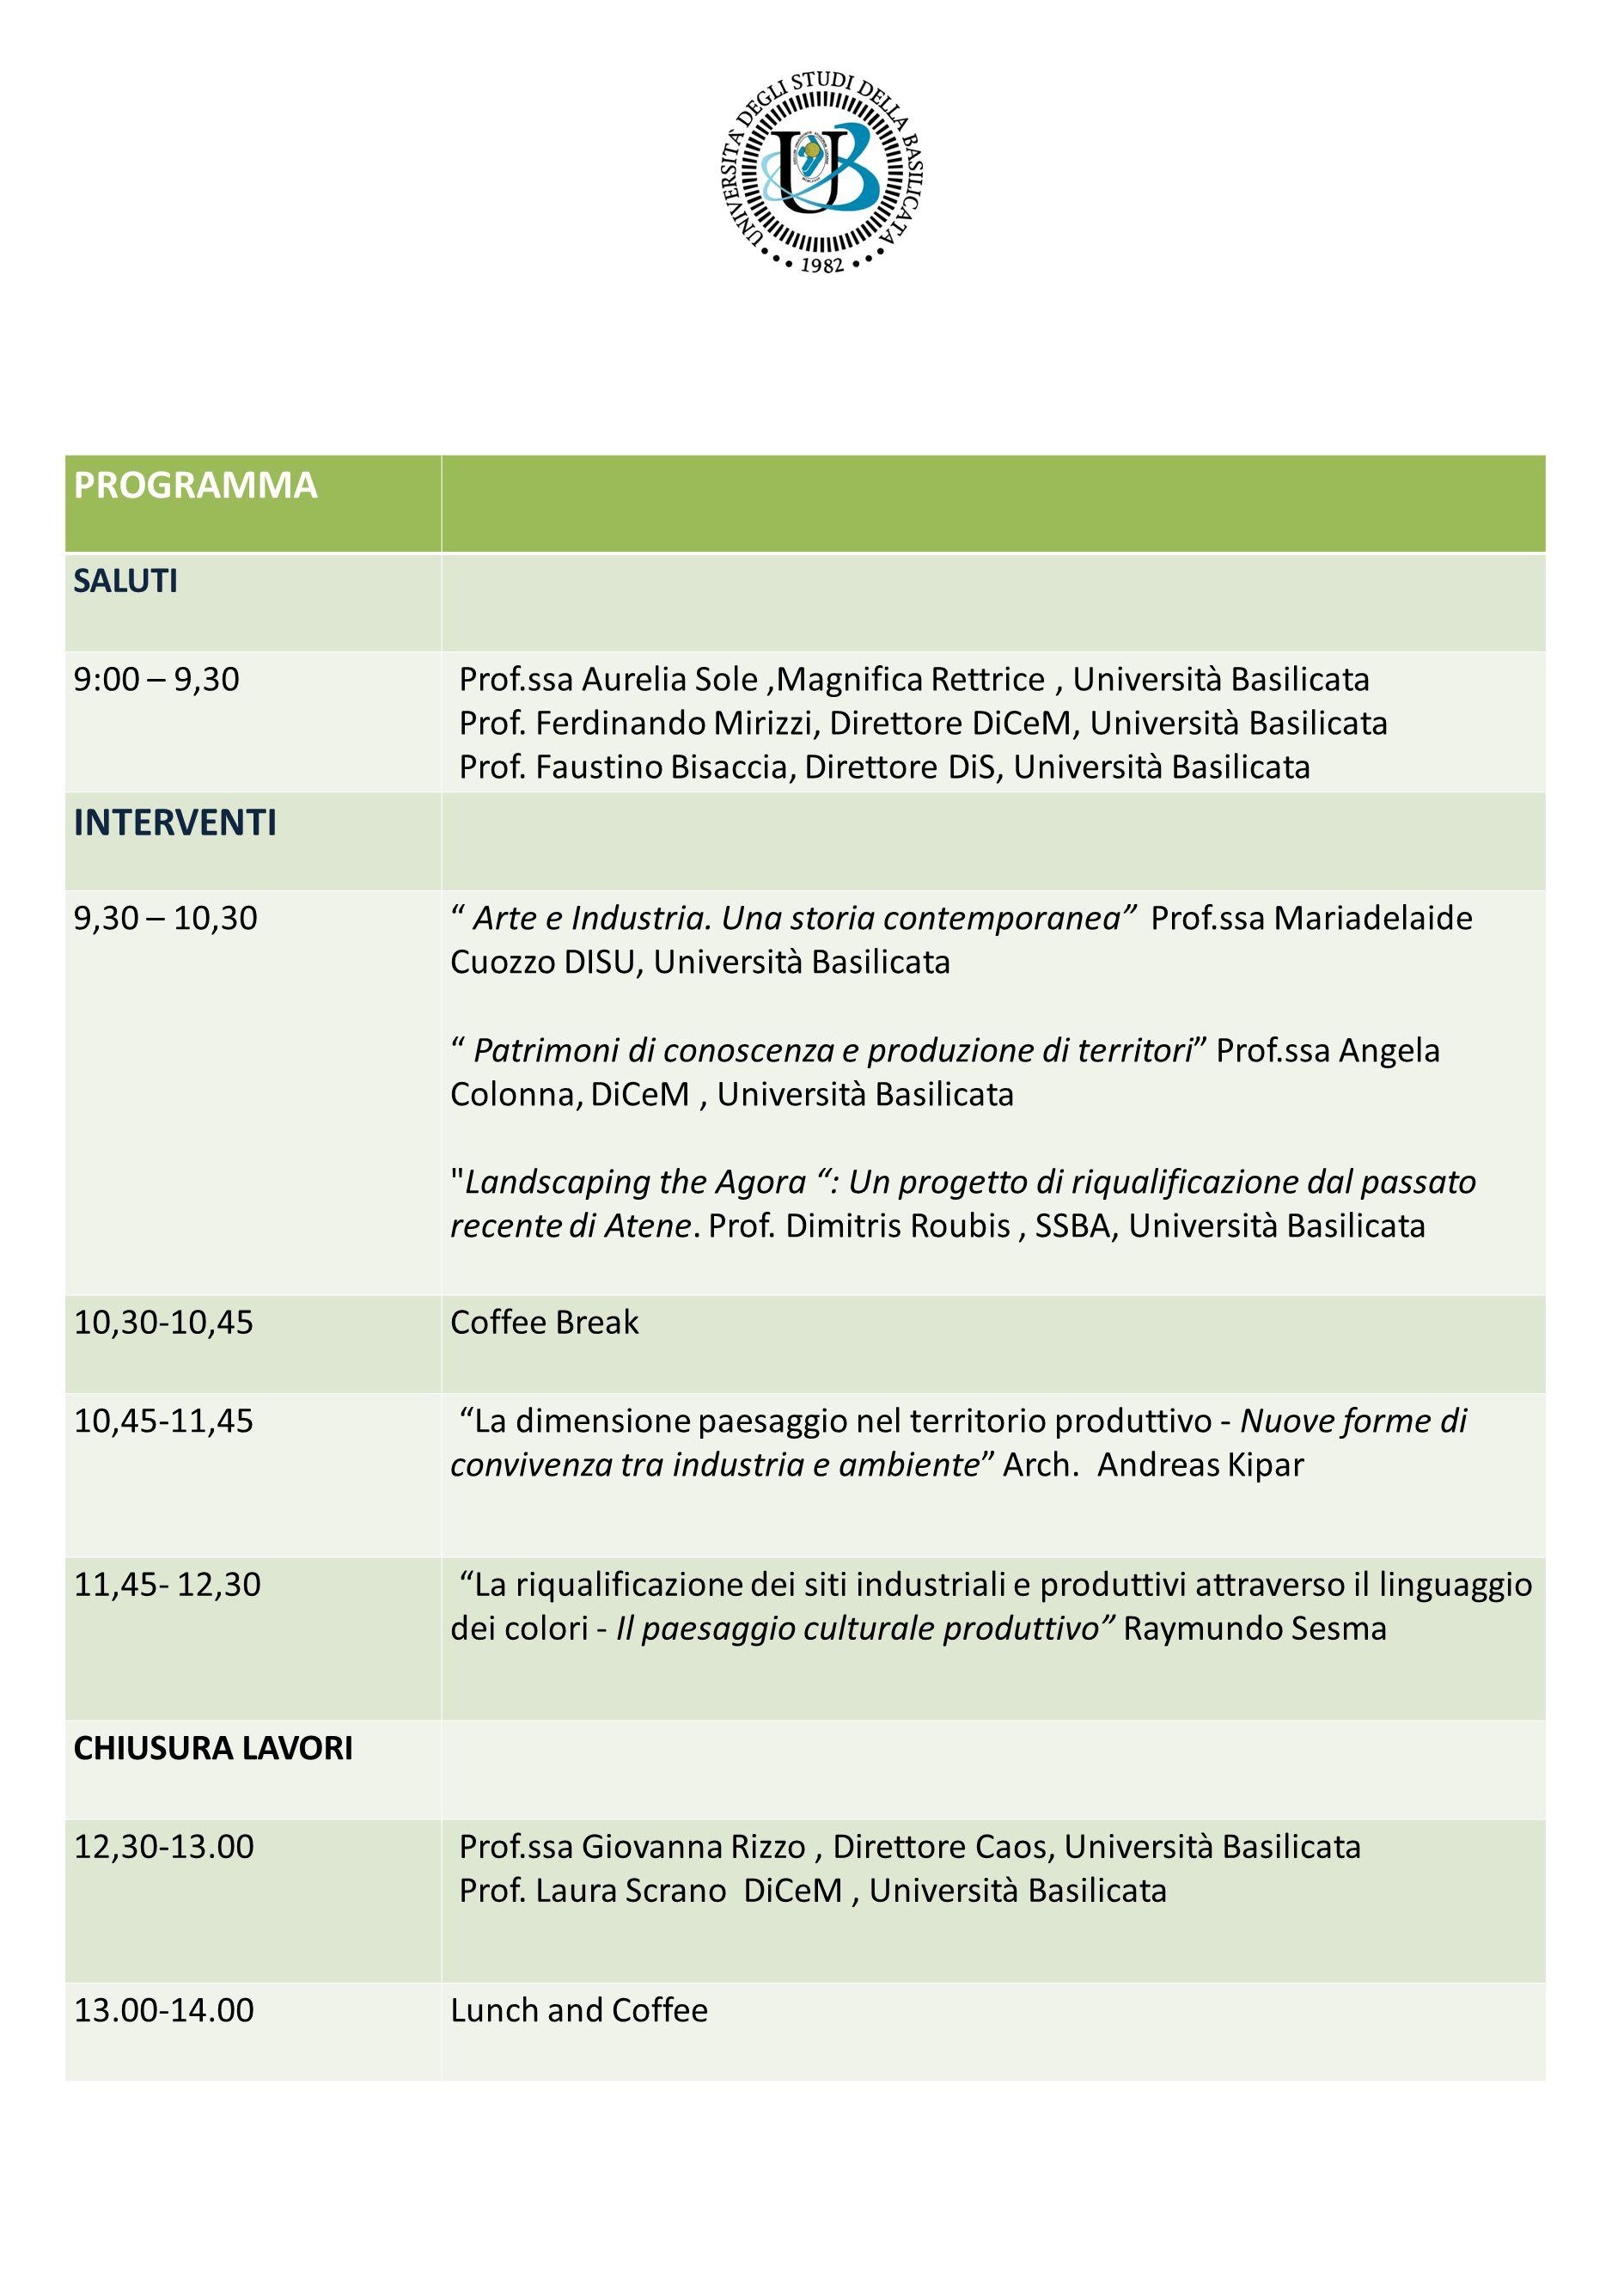 PROGRAMMA SALUTI 9:00 – 9,30 Prof.ssa Aurelia Sole,Magnifica Rettrice, Università Basilicata Prof. Ferdinando Mirizzi, Direttore DiCeM, Università Bas